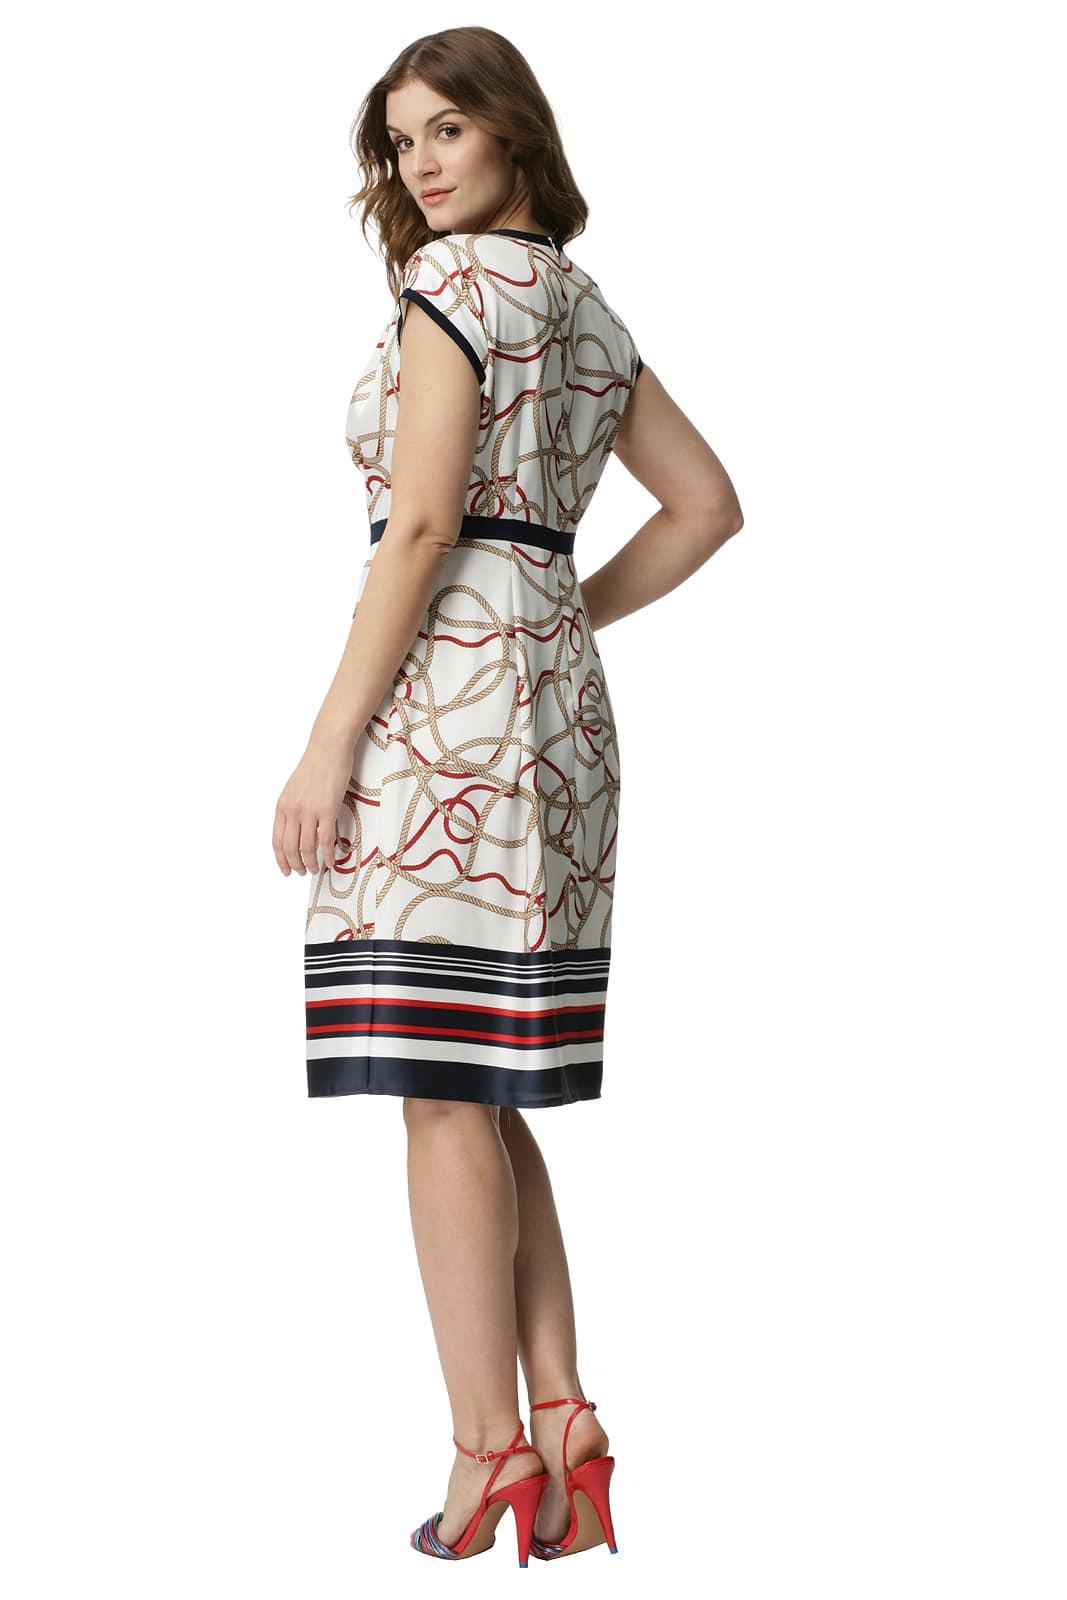 aa861930bf Sukienka z zakładkami Marcelina - Modesta - ponad 30 lat na rynku